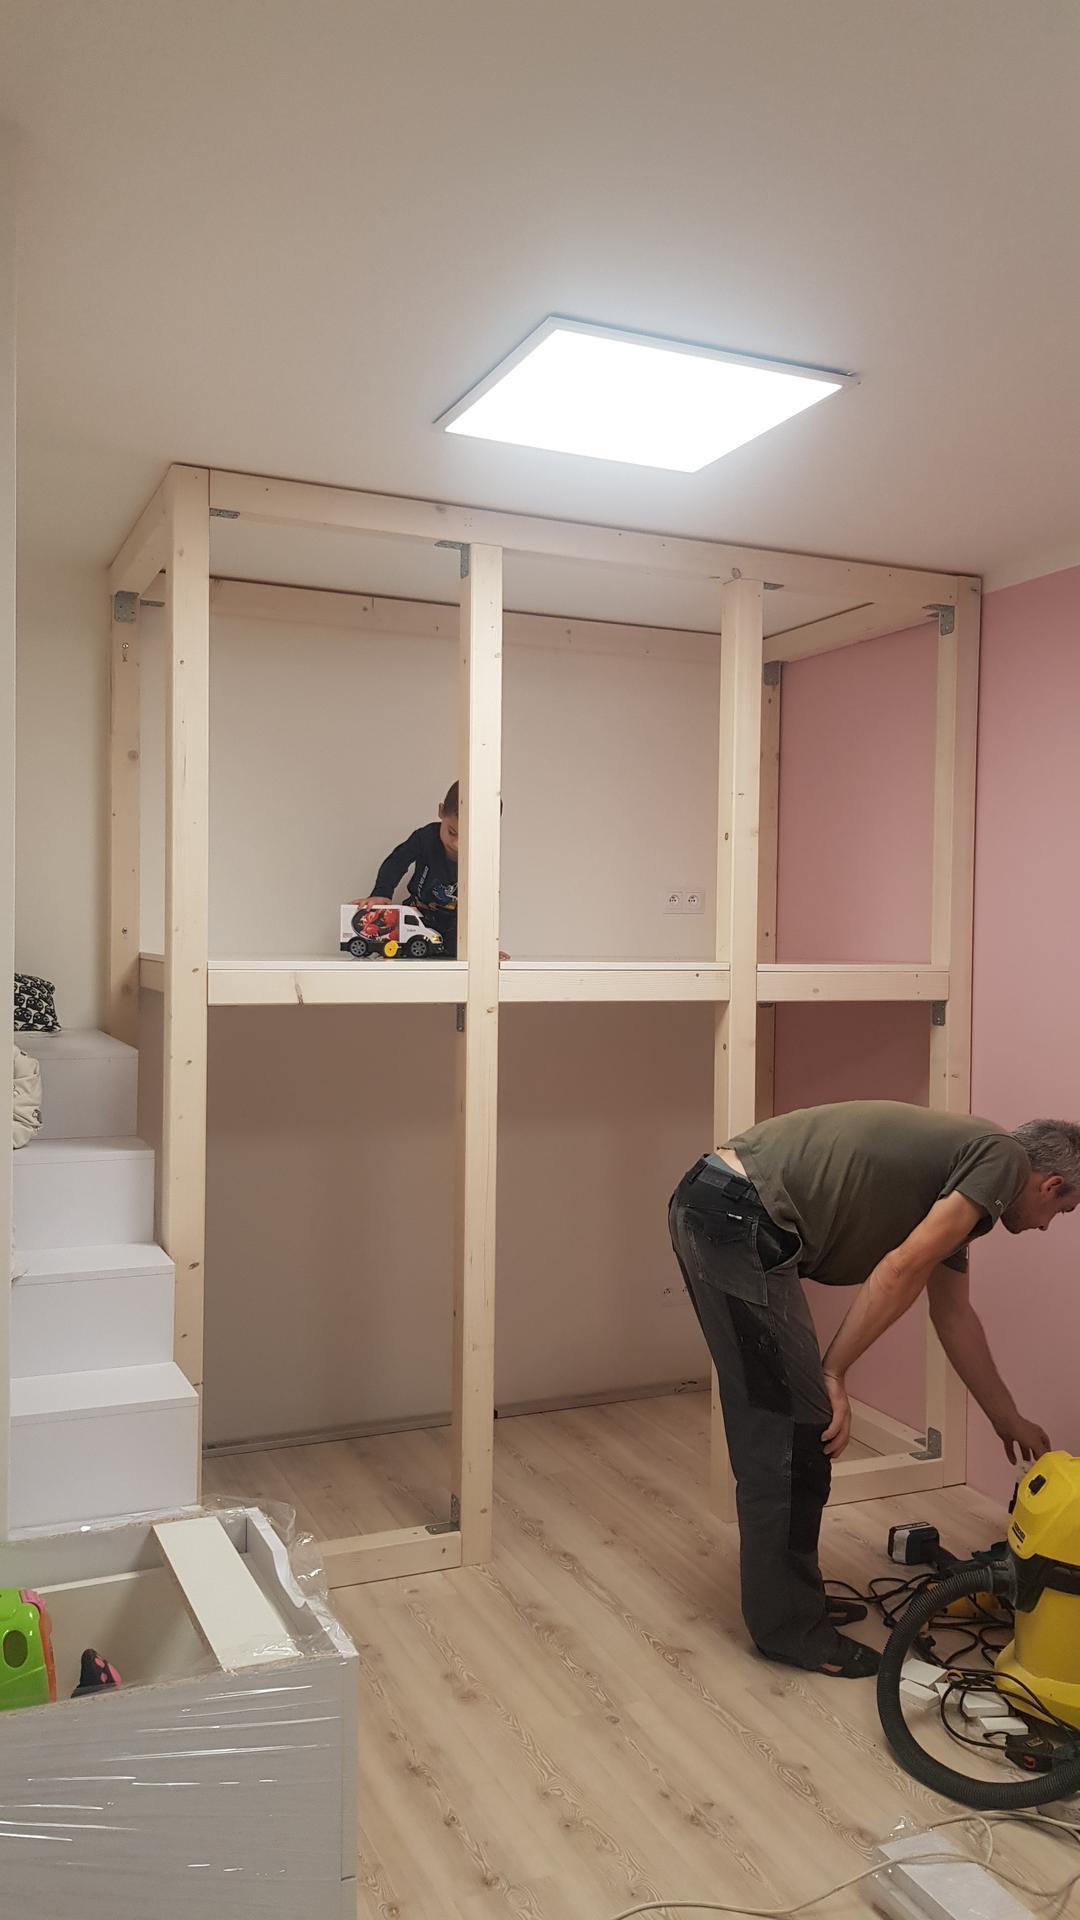 Naša rekonštrukcia - ... zatiaľ sa montuje čo sa dá